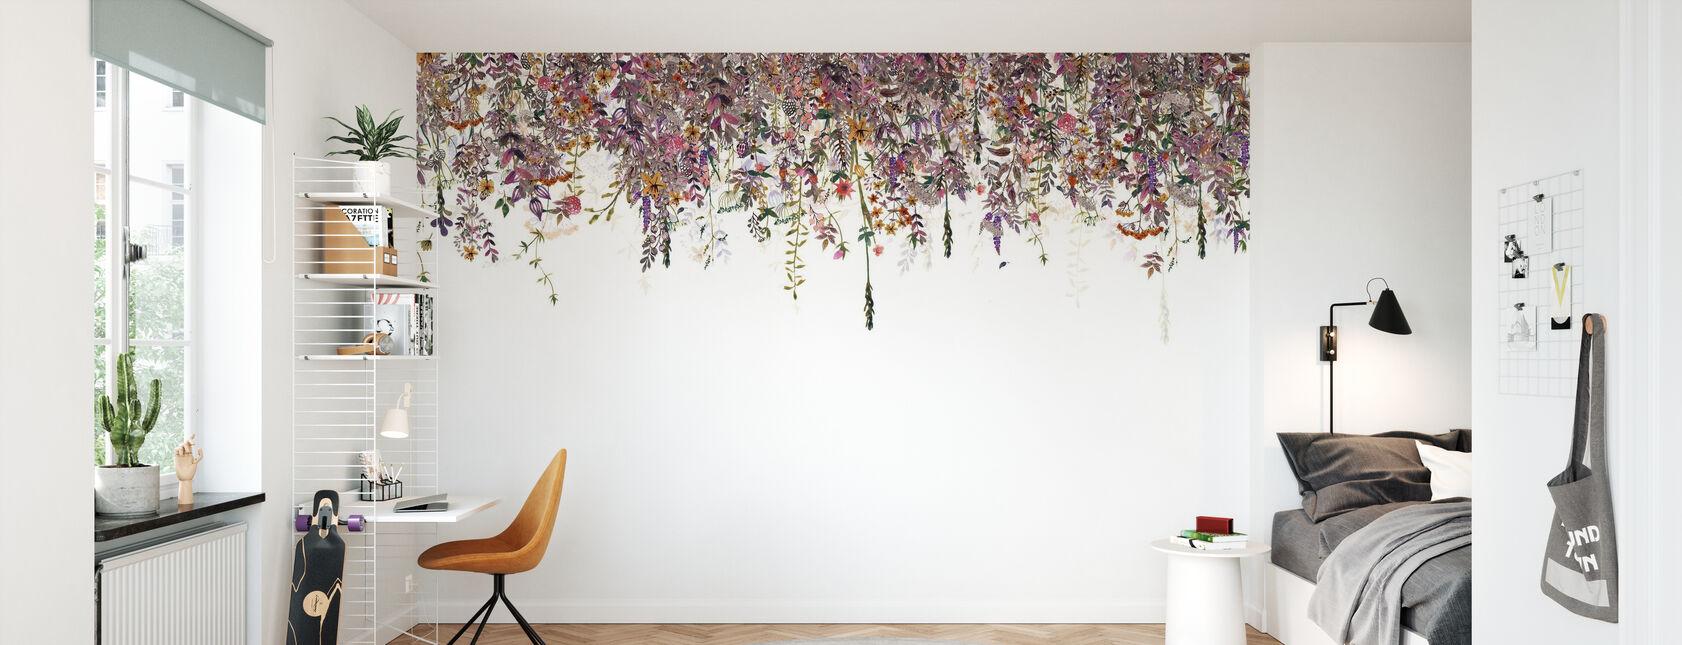 Blumen verblassen Rosa - Tapete - Kinderzimmer